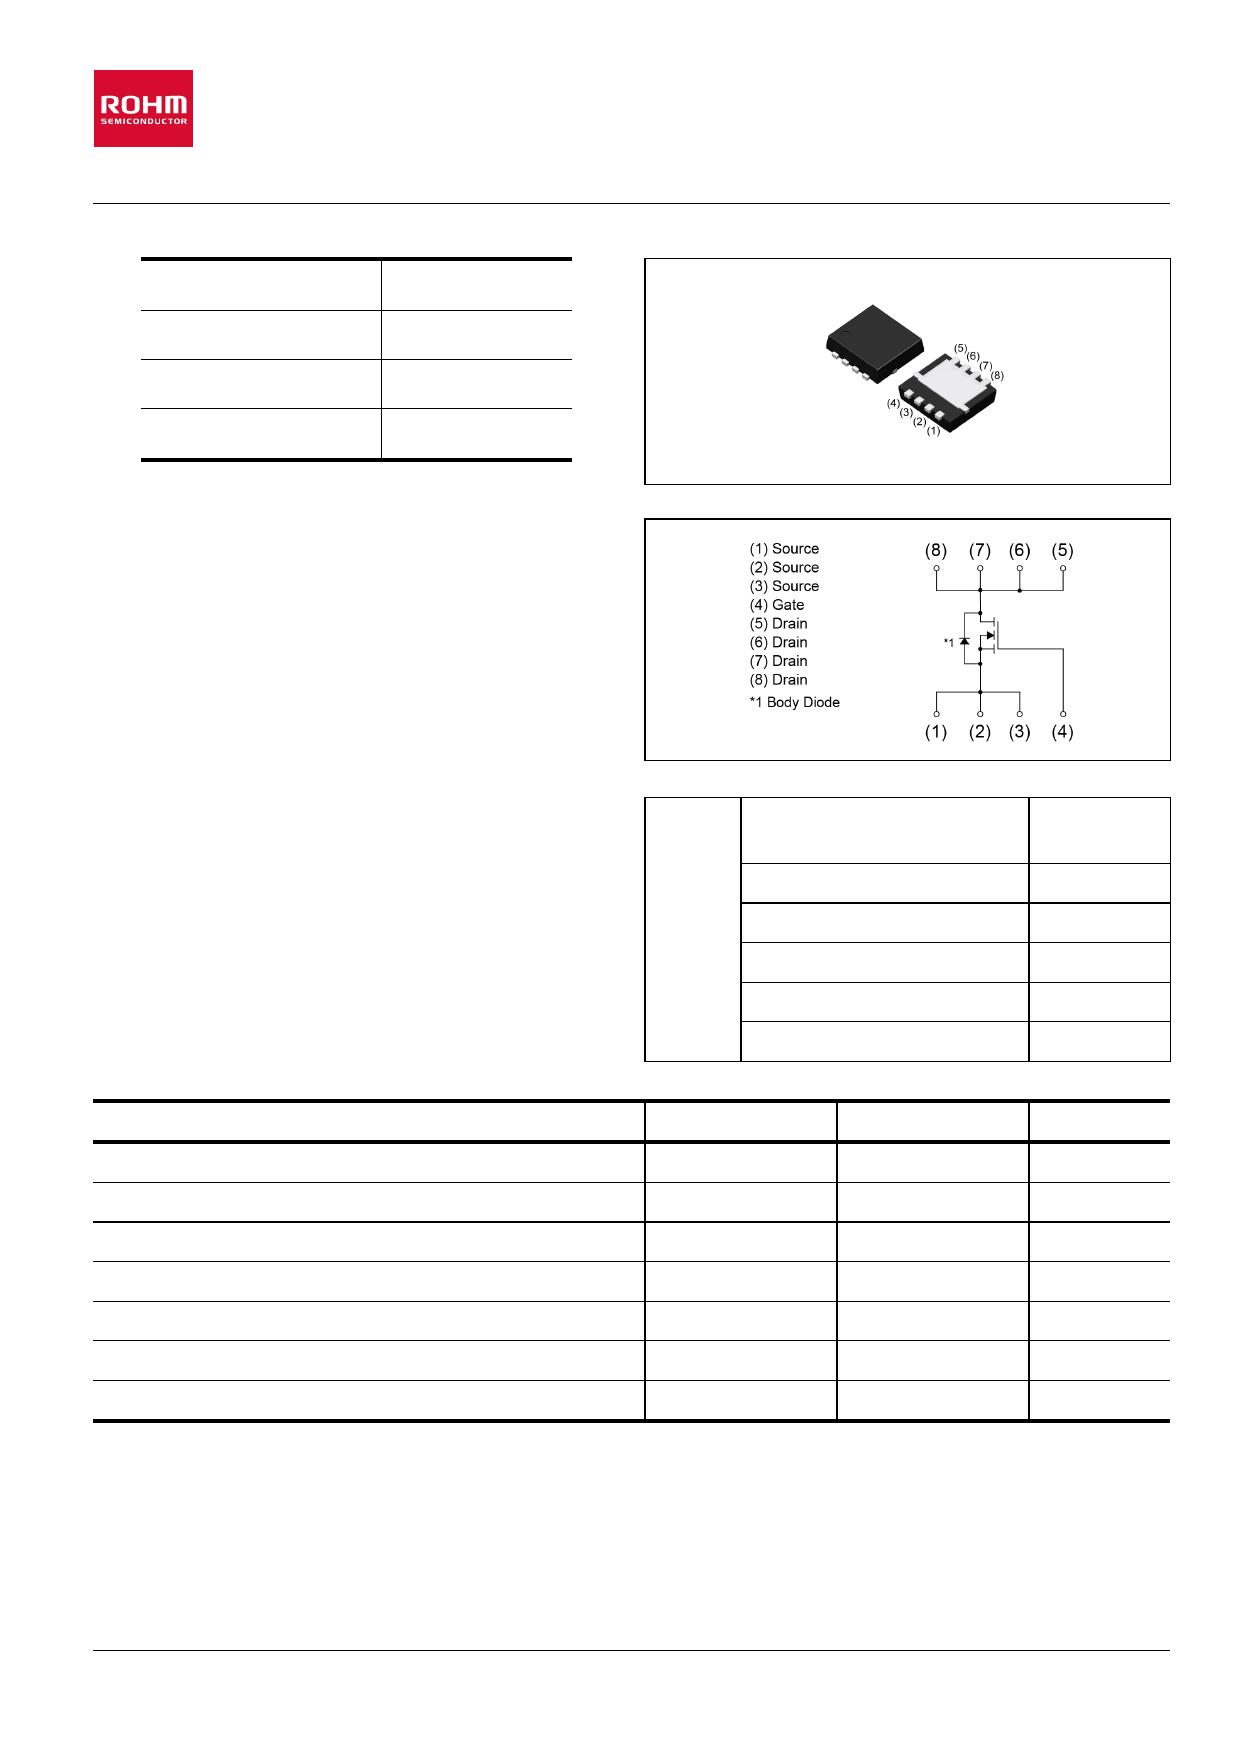 RQ3E080BN datasheet, circuit